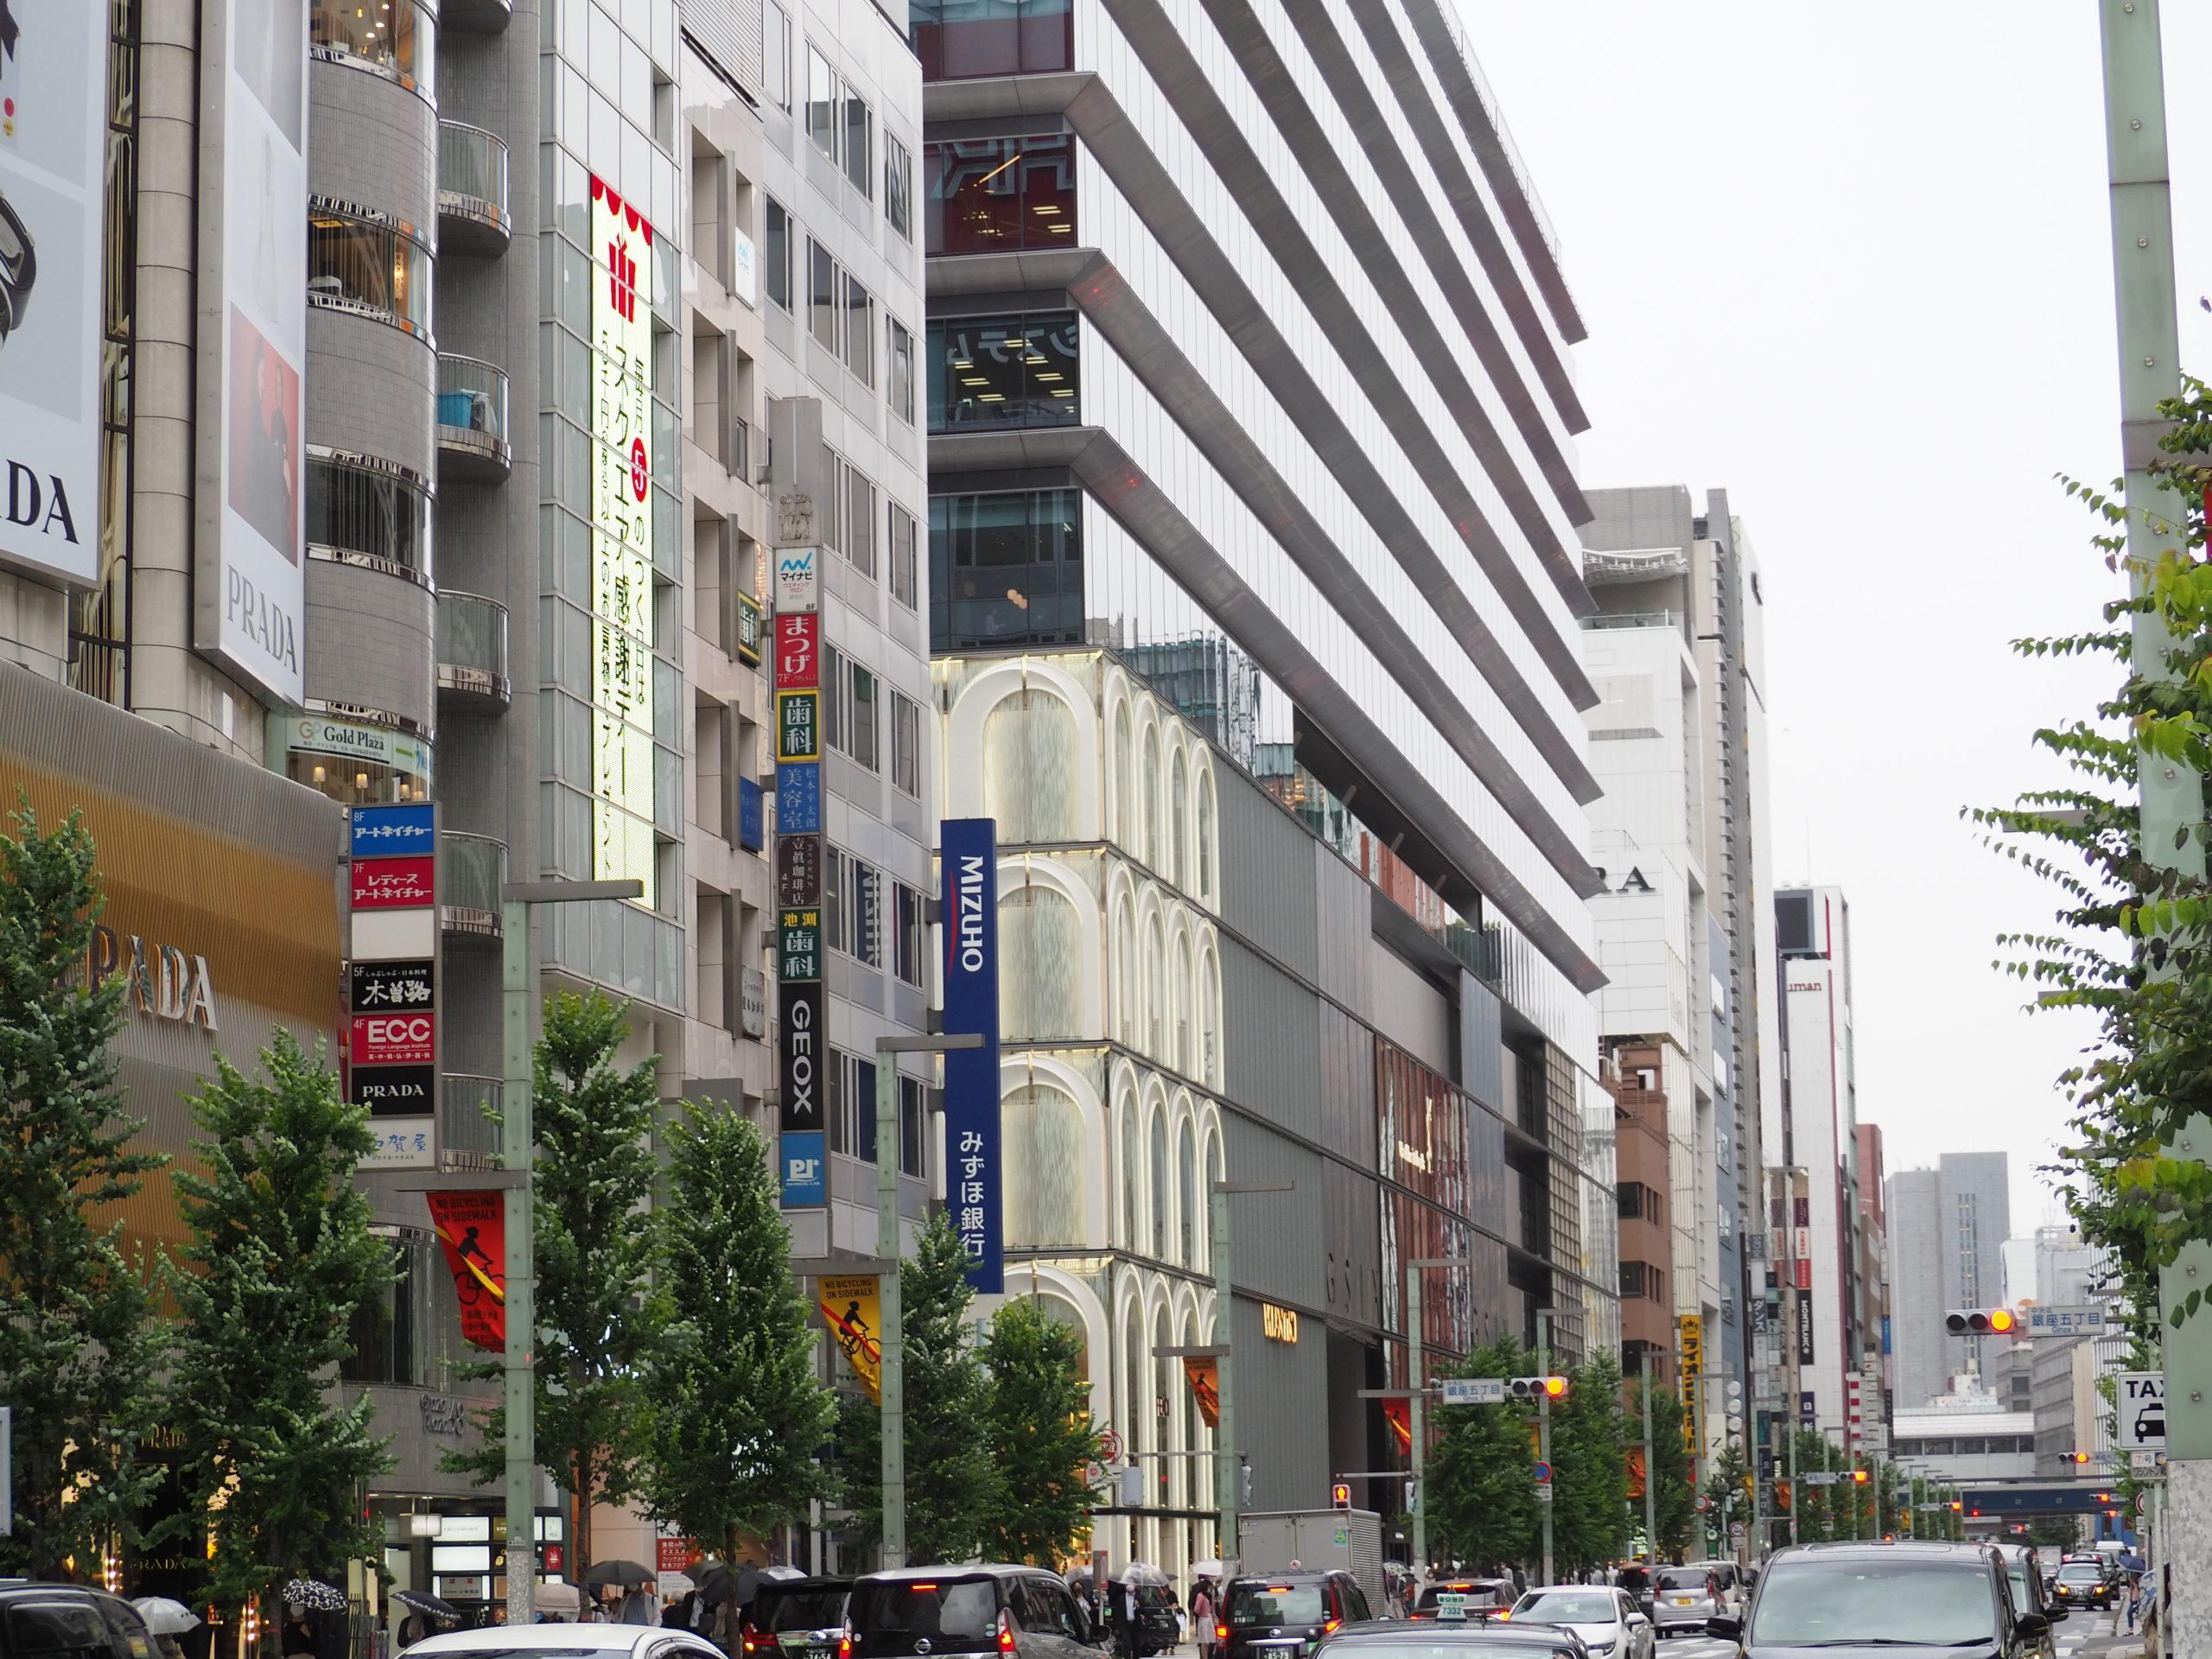 2021年地価公示・全国全用途平均で6年ぶりの下落―3大都市圏下落、東京・銀座で12%超下落地点も